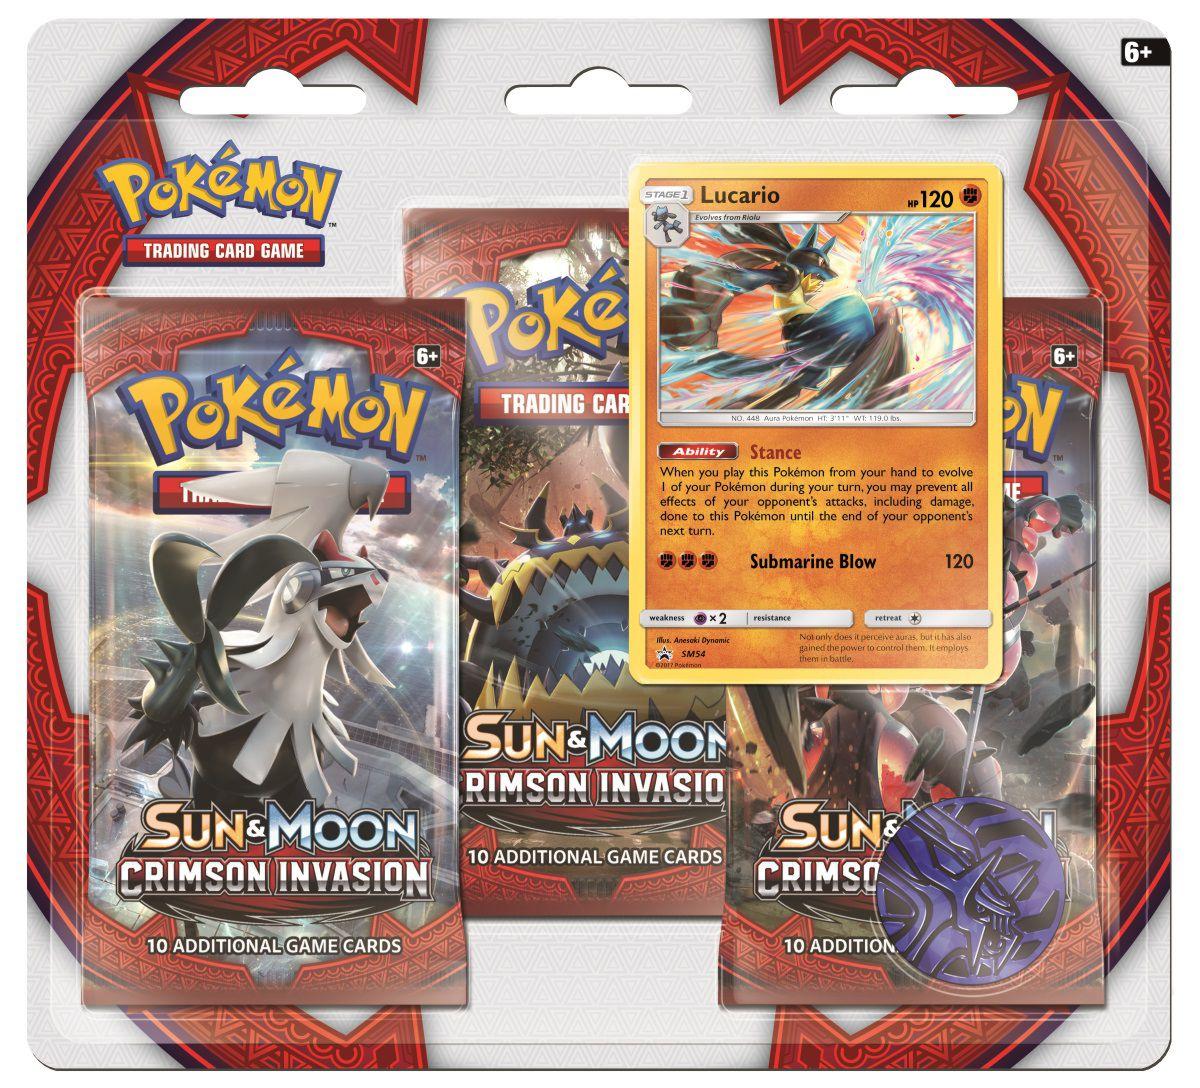 Коллекционная карточная игра Pokemon Sun &amp; Moon Crimson Invasion: Тройной блистер + Промо-карта Lucario + МонетаНевероятная история о жестоких Ультрачудовищах разворачивается в ландшафте Pok&amp;#233;mon TCG в расширении Sun &amp;amp; Moon-Crimson Invasion! В регион Алола вторгаются таинственные и мощные существа! Могут ли союзники Алолы защитить острова – или Ультрачудовища возьмут под свой контроль? Ответ вы получите во время игры с новым дополнением!<br>